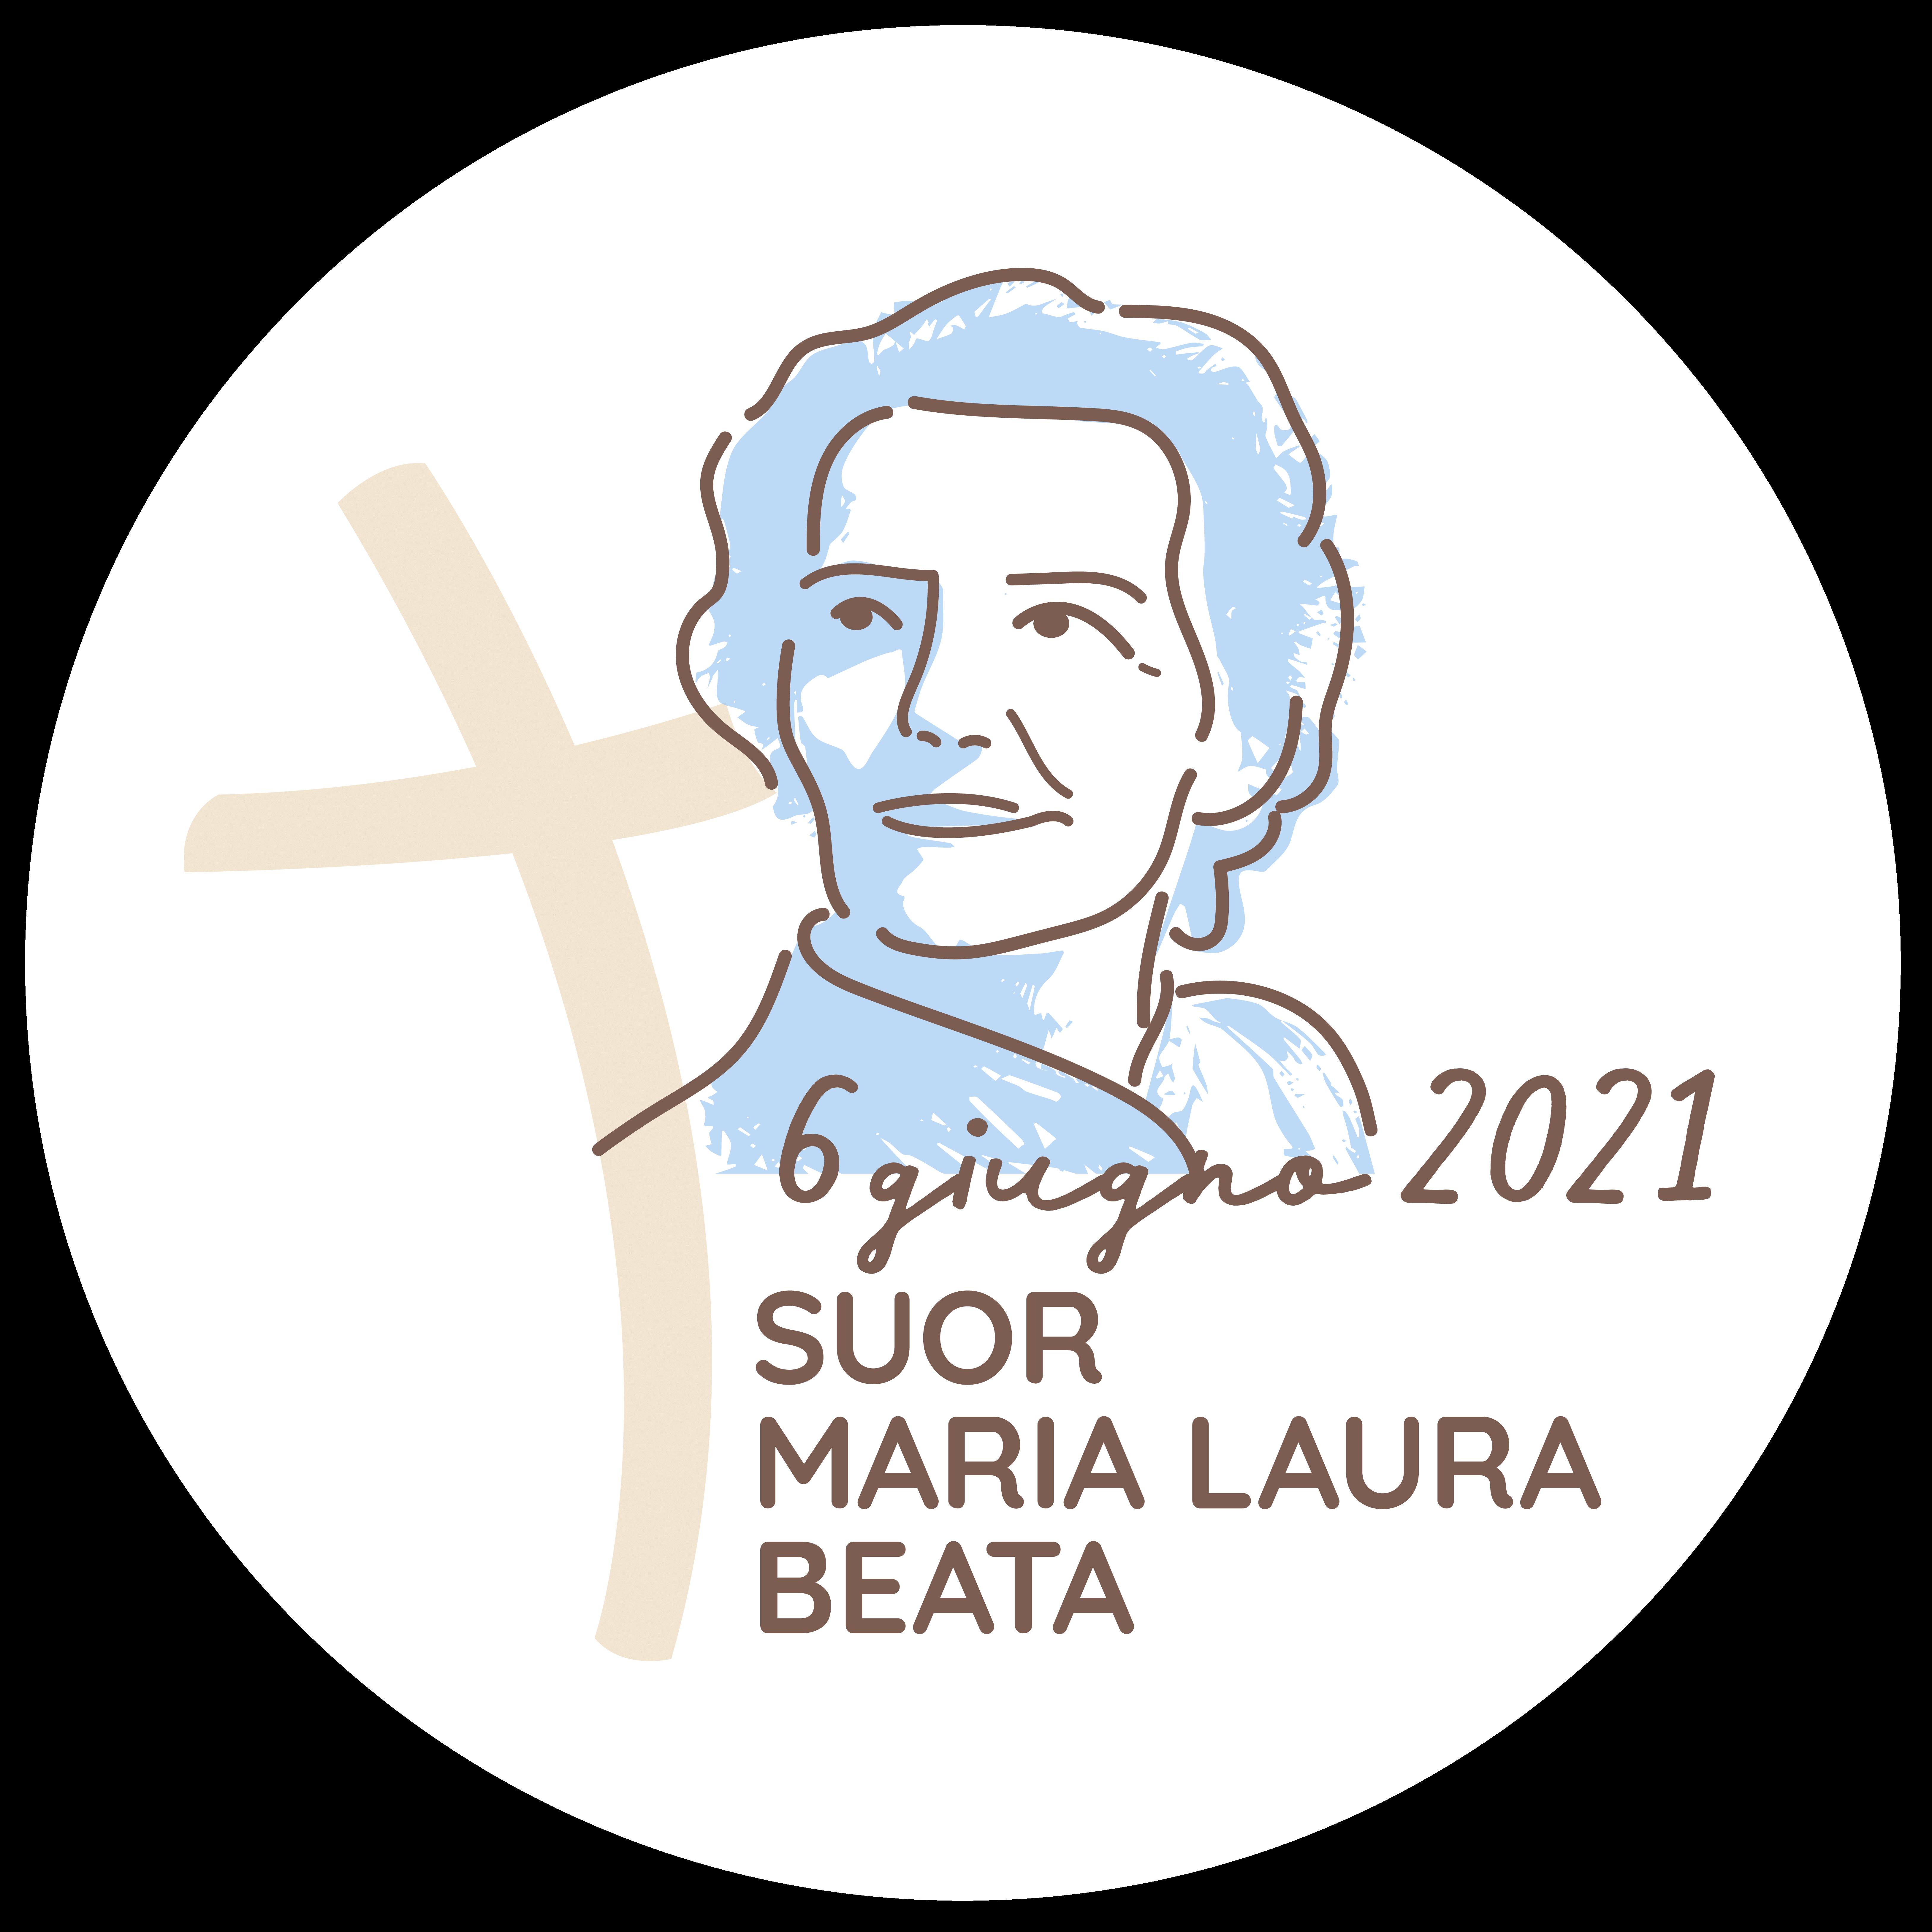 6 giugno 2021 Suor Maria Laura Beata